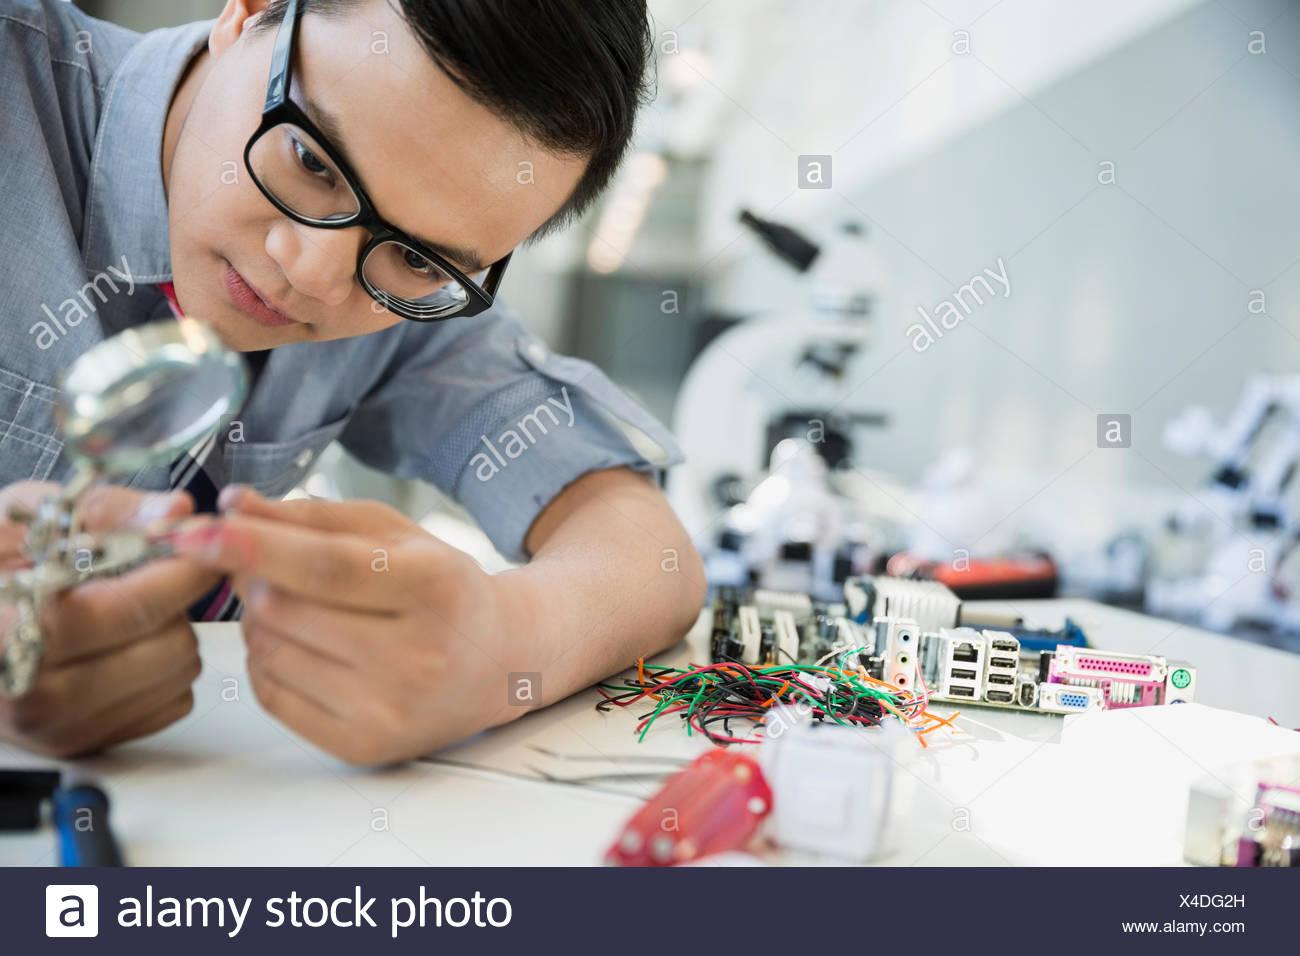 Examinar y ensamblar tecnología ingeniero Imagen De Stock